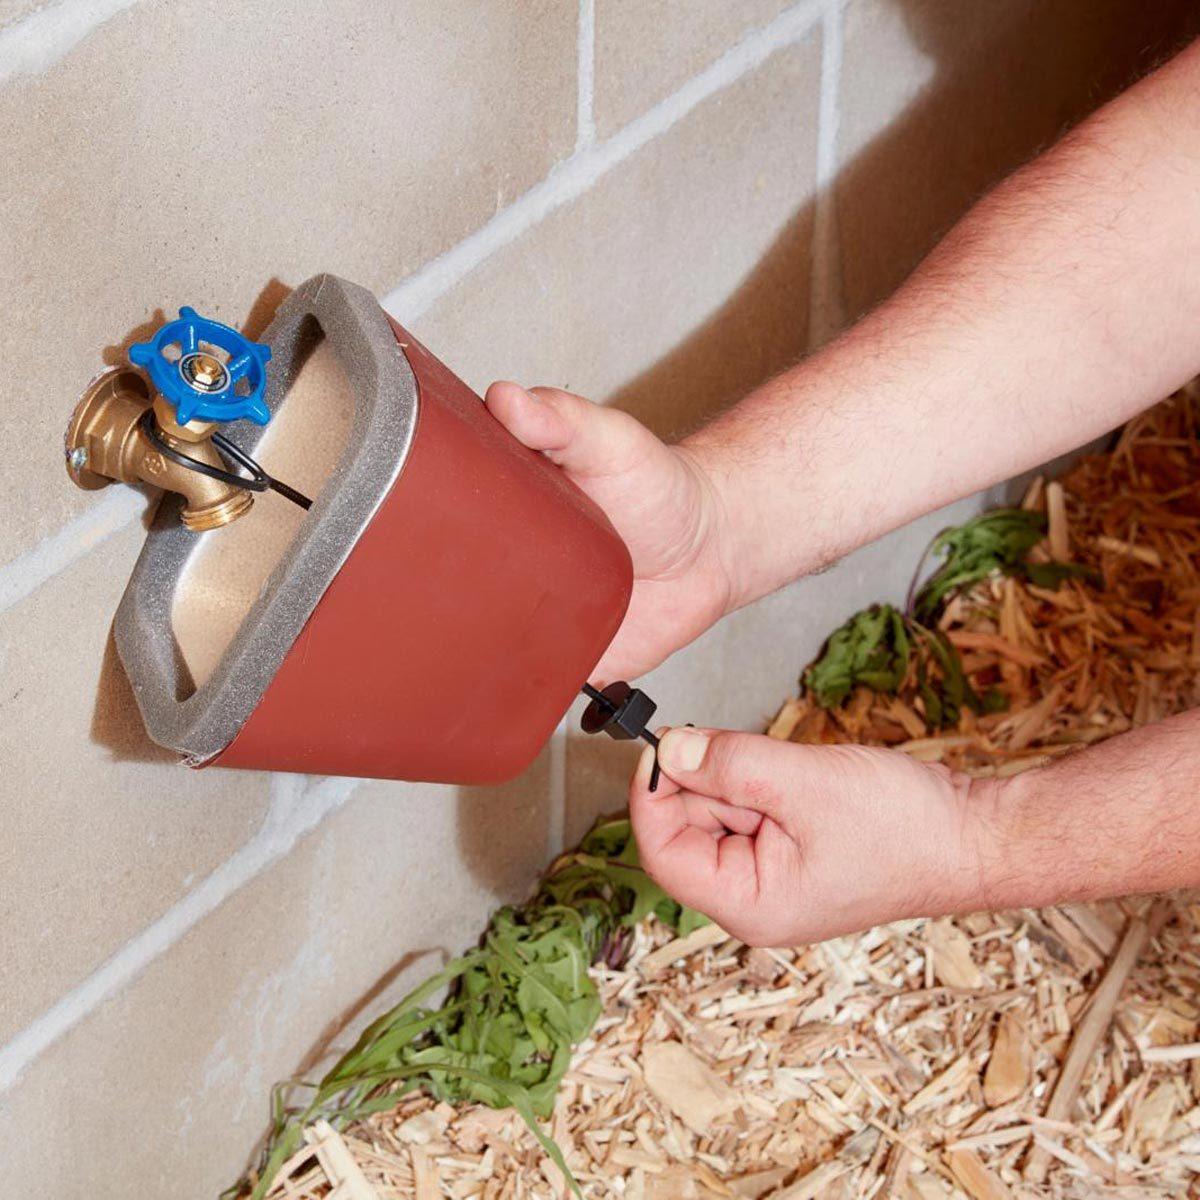 FH18DJF_583_07_008_ cover hose bibs